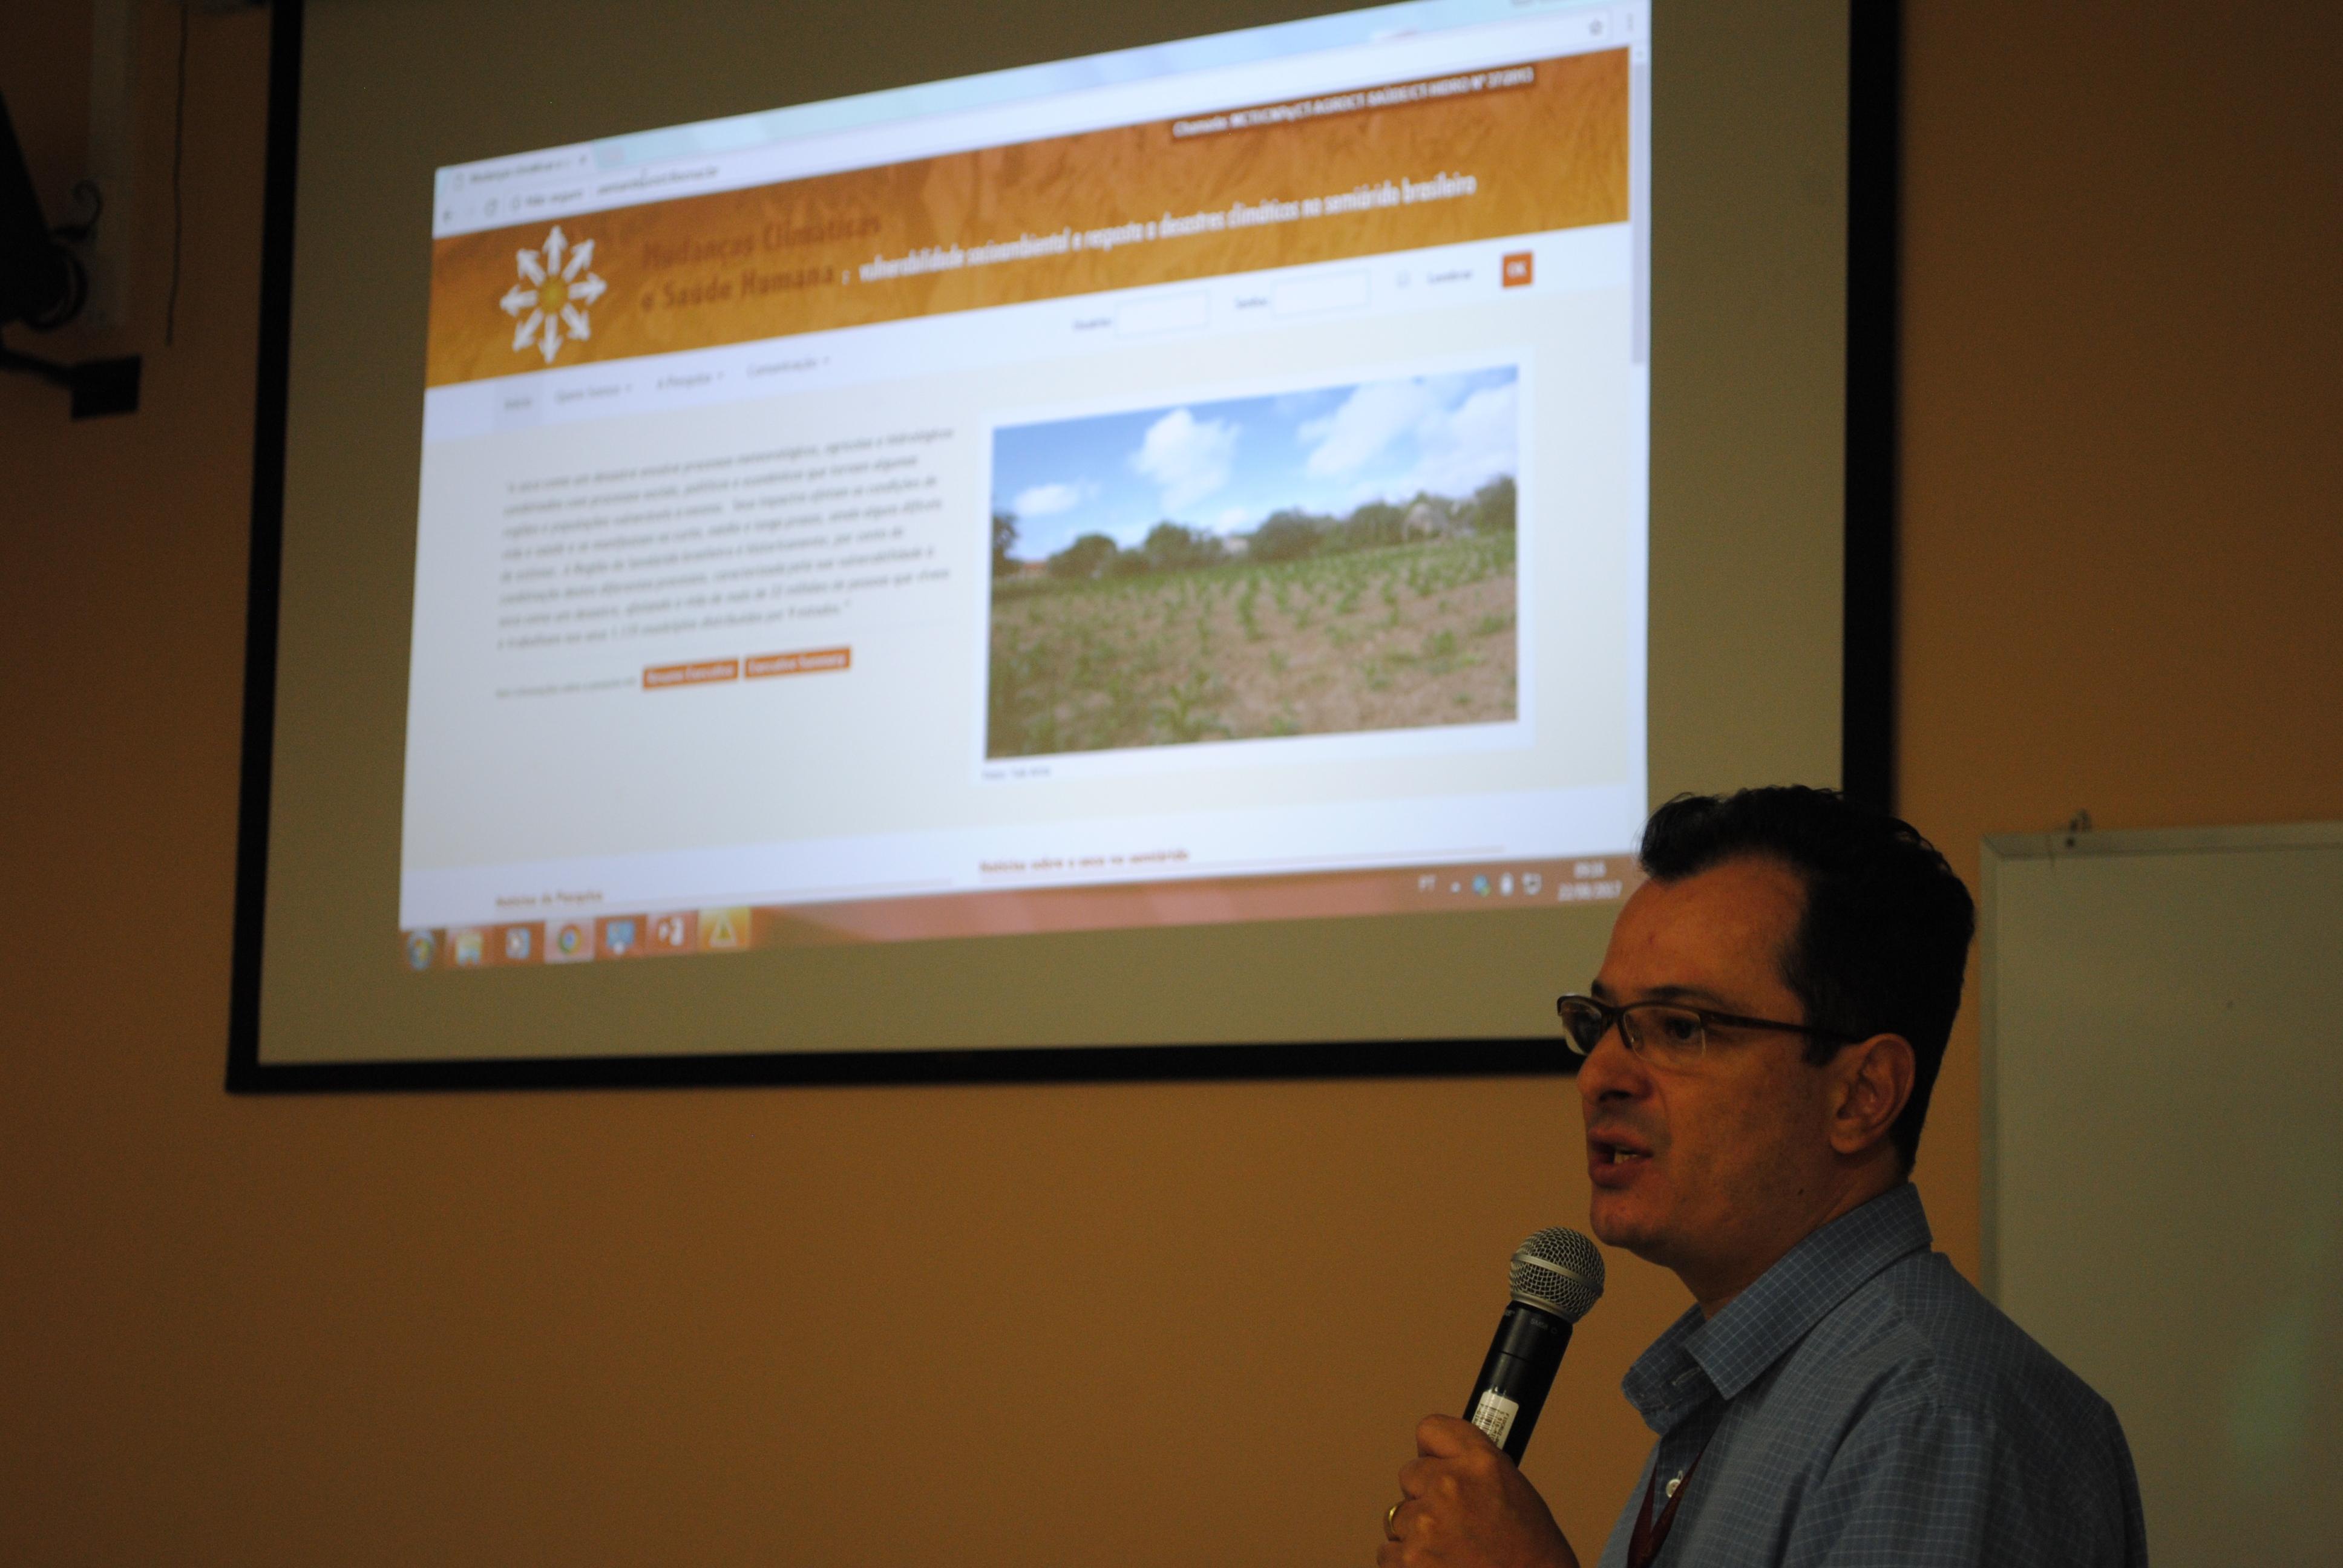 Pesquisador apresenta-se na oficina Mudanças climáticas e saúde: desastres de secas no semiárido brasileiro